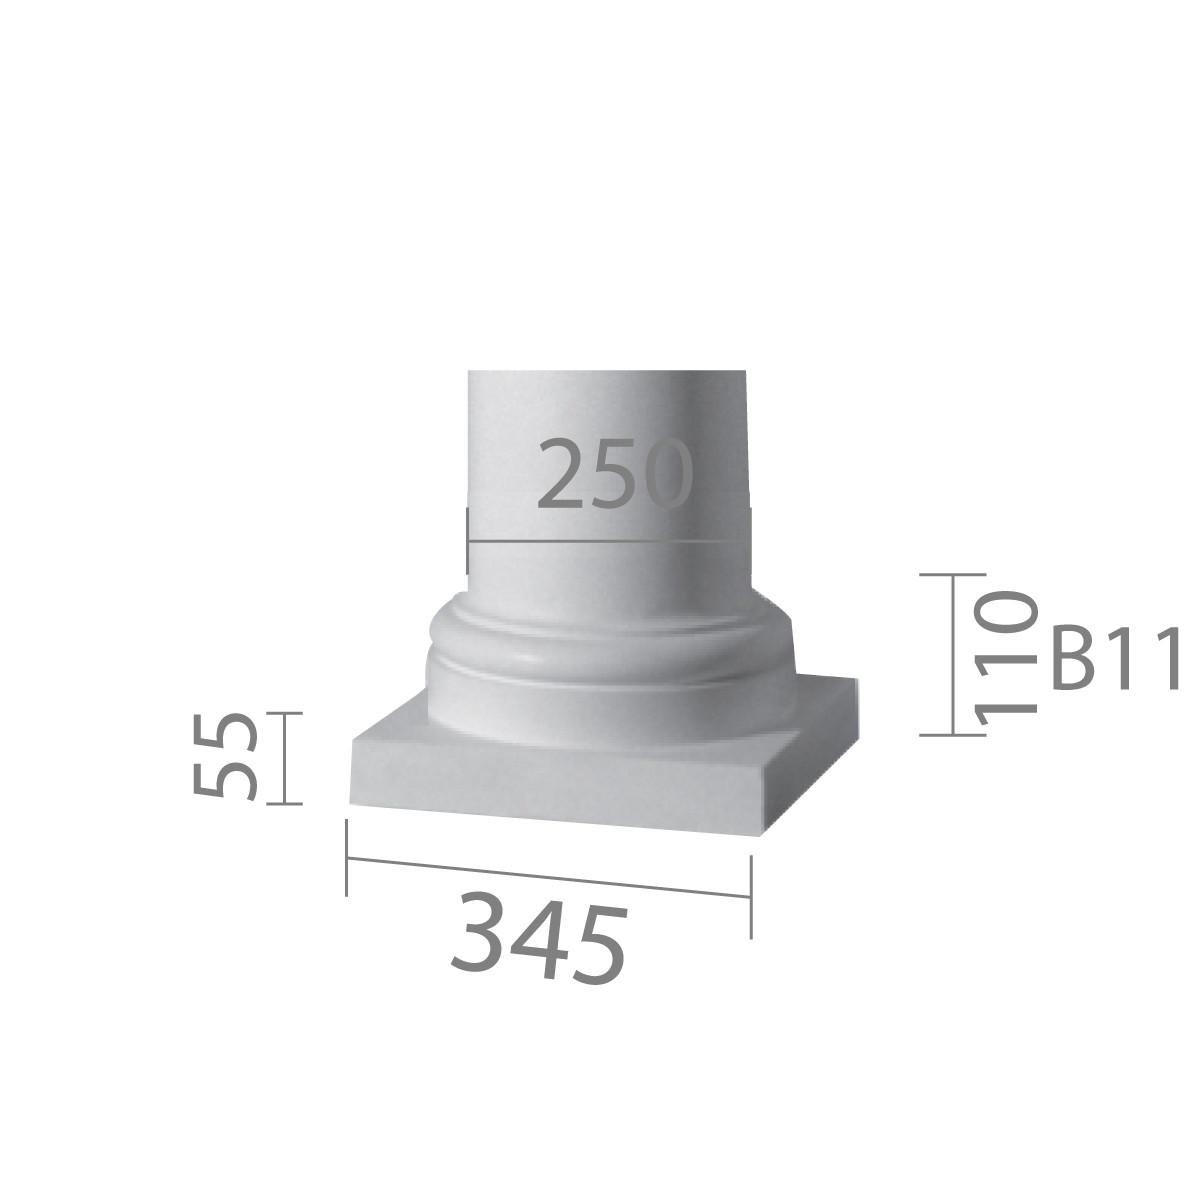 База колонны  б-11 1/2 (энтазис)